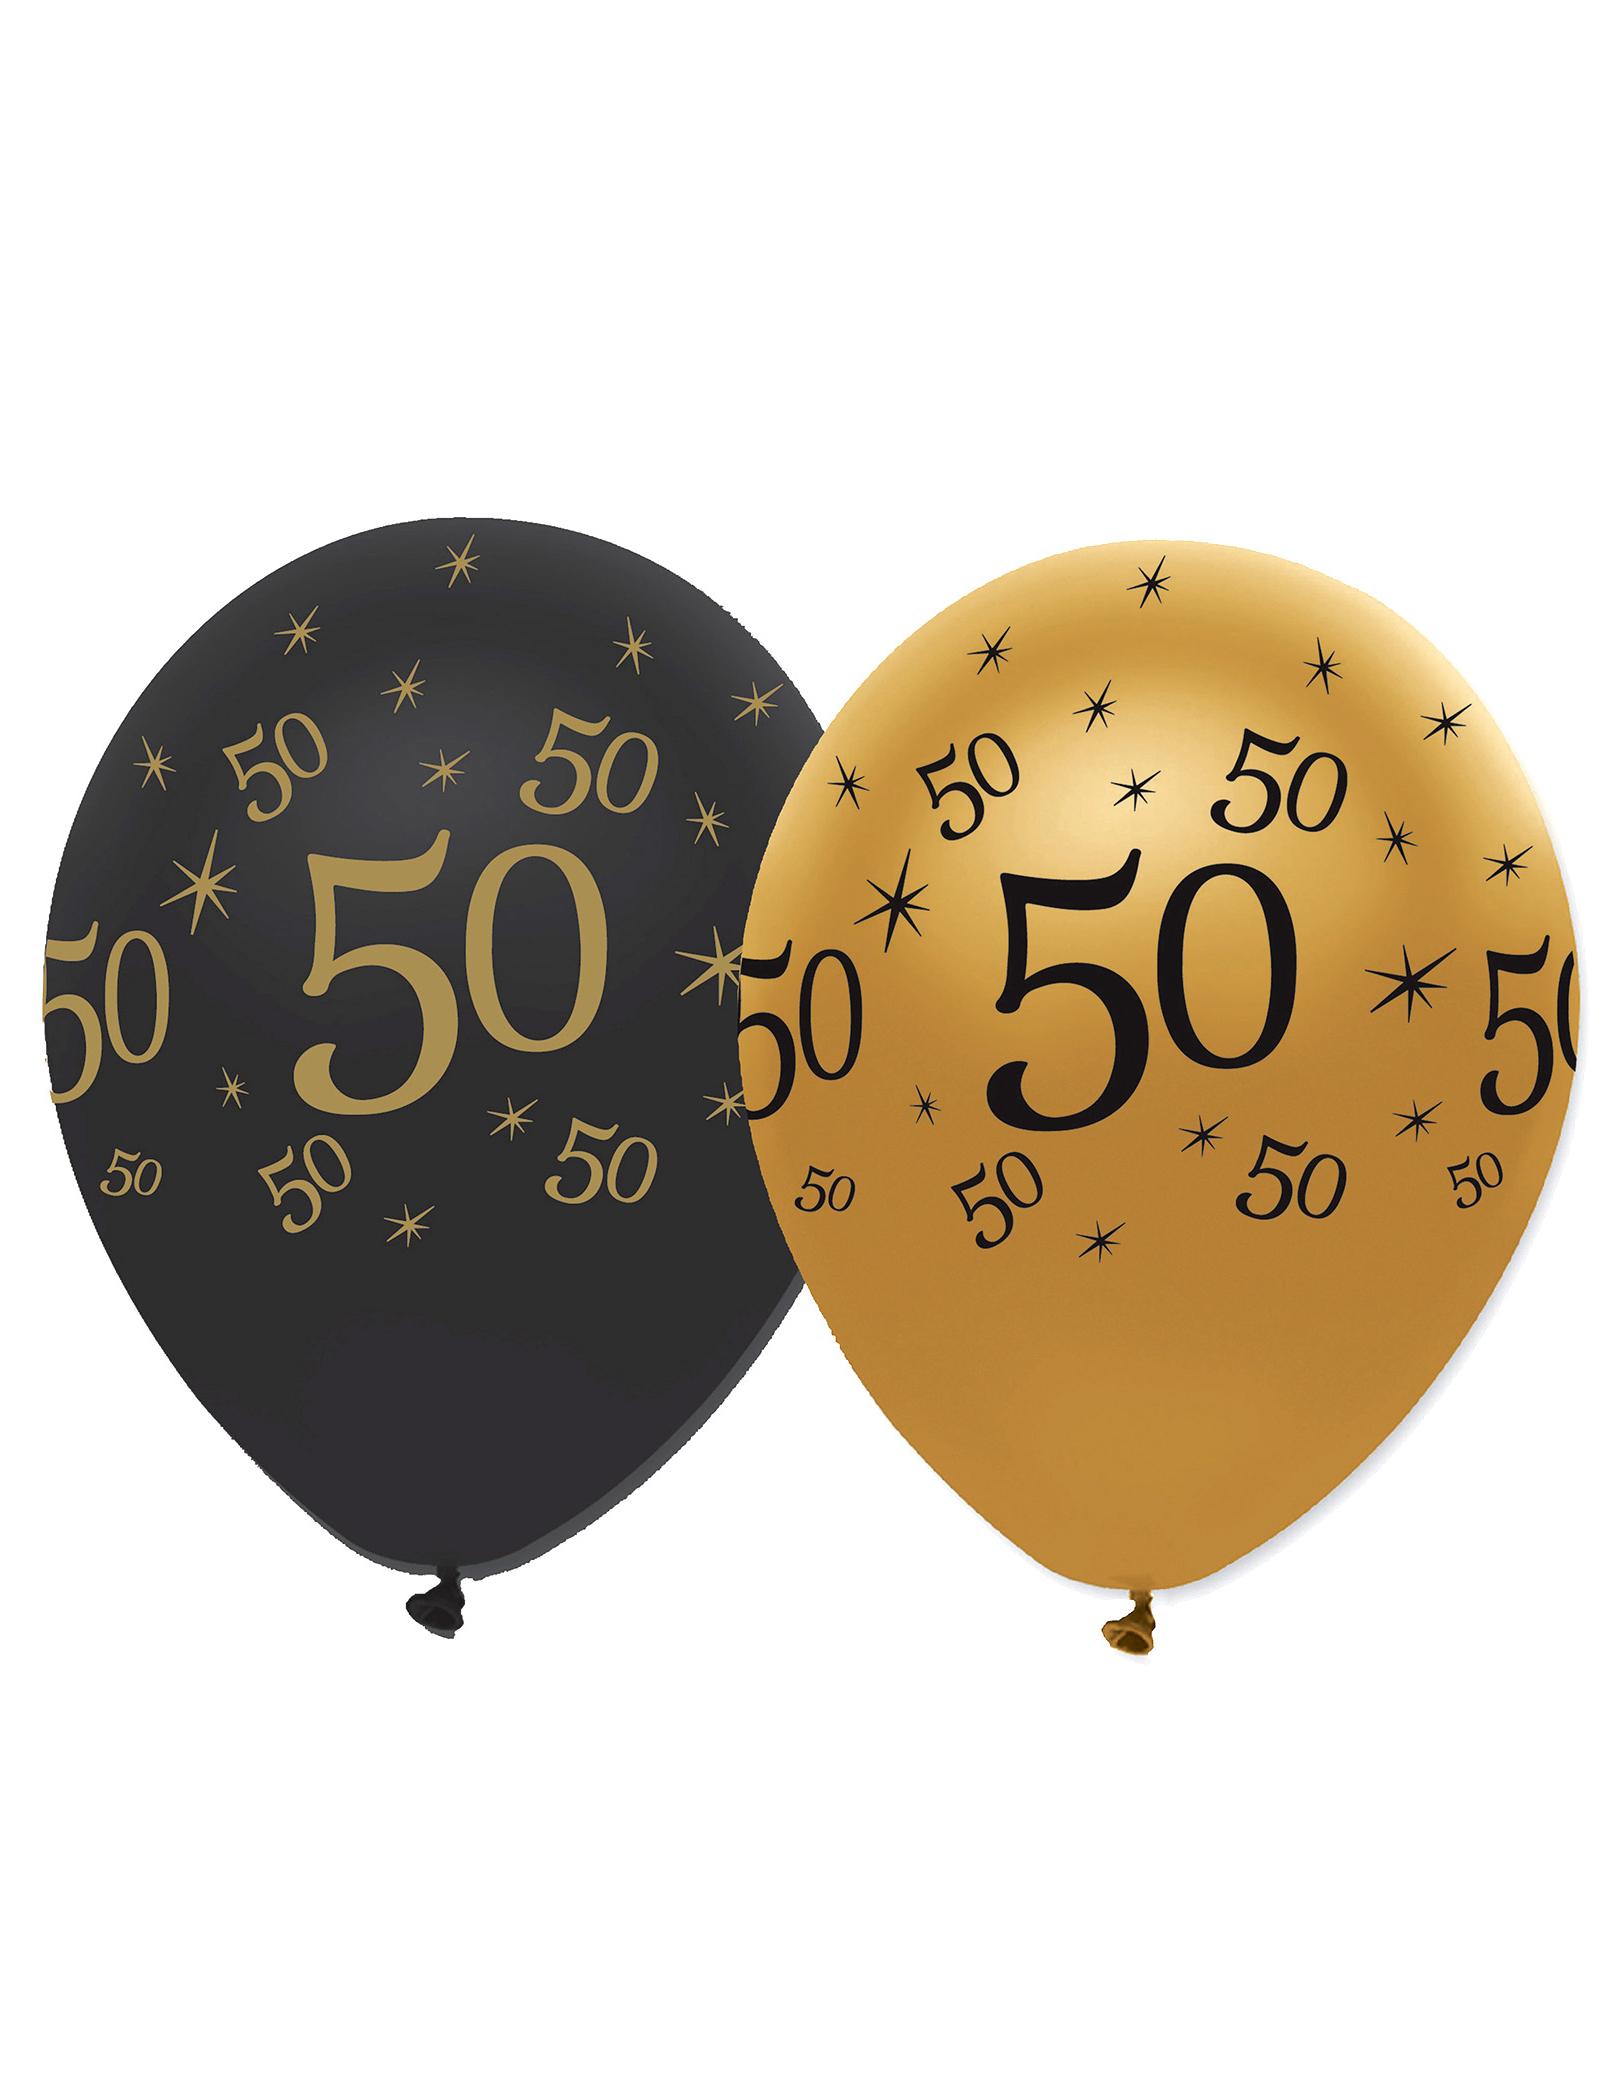 6 globos negro y dorado l tex 50 a os decoraci n y - Decoracion cumpleanos 50 anos ...